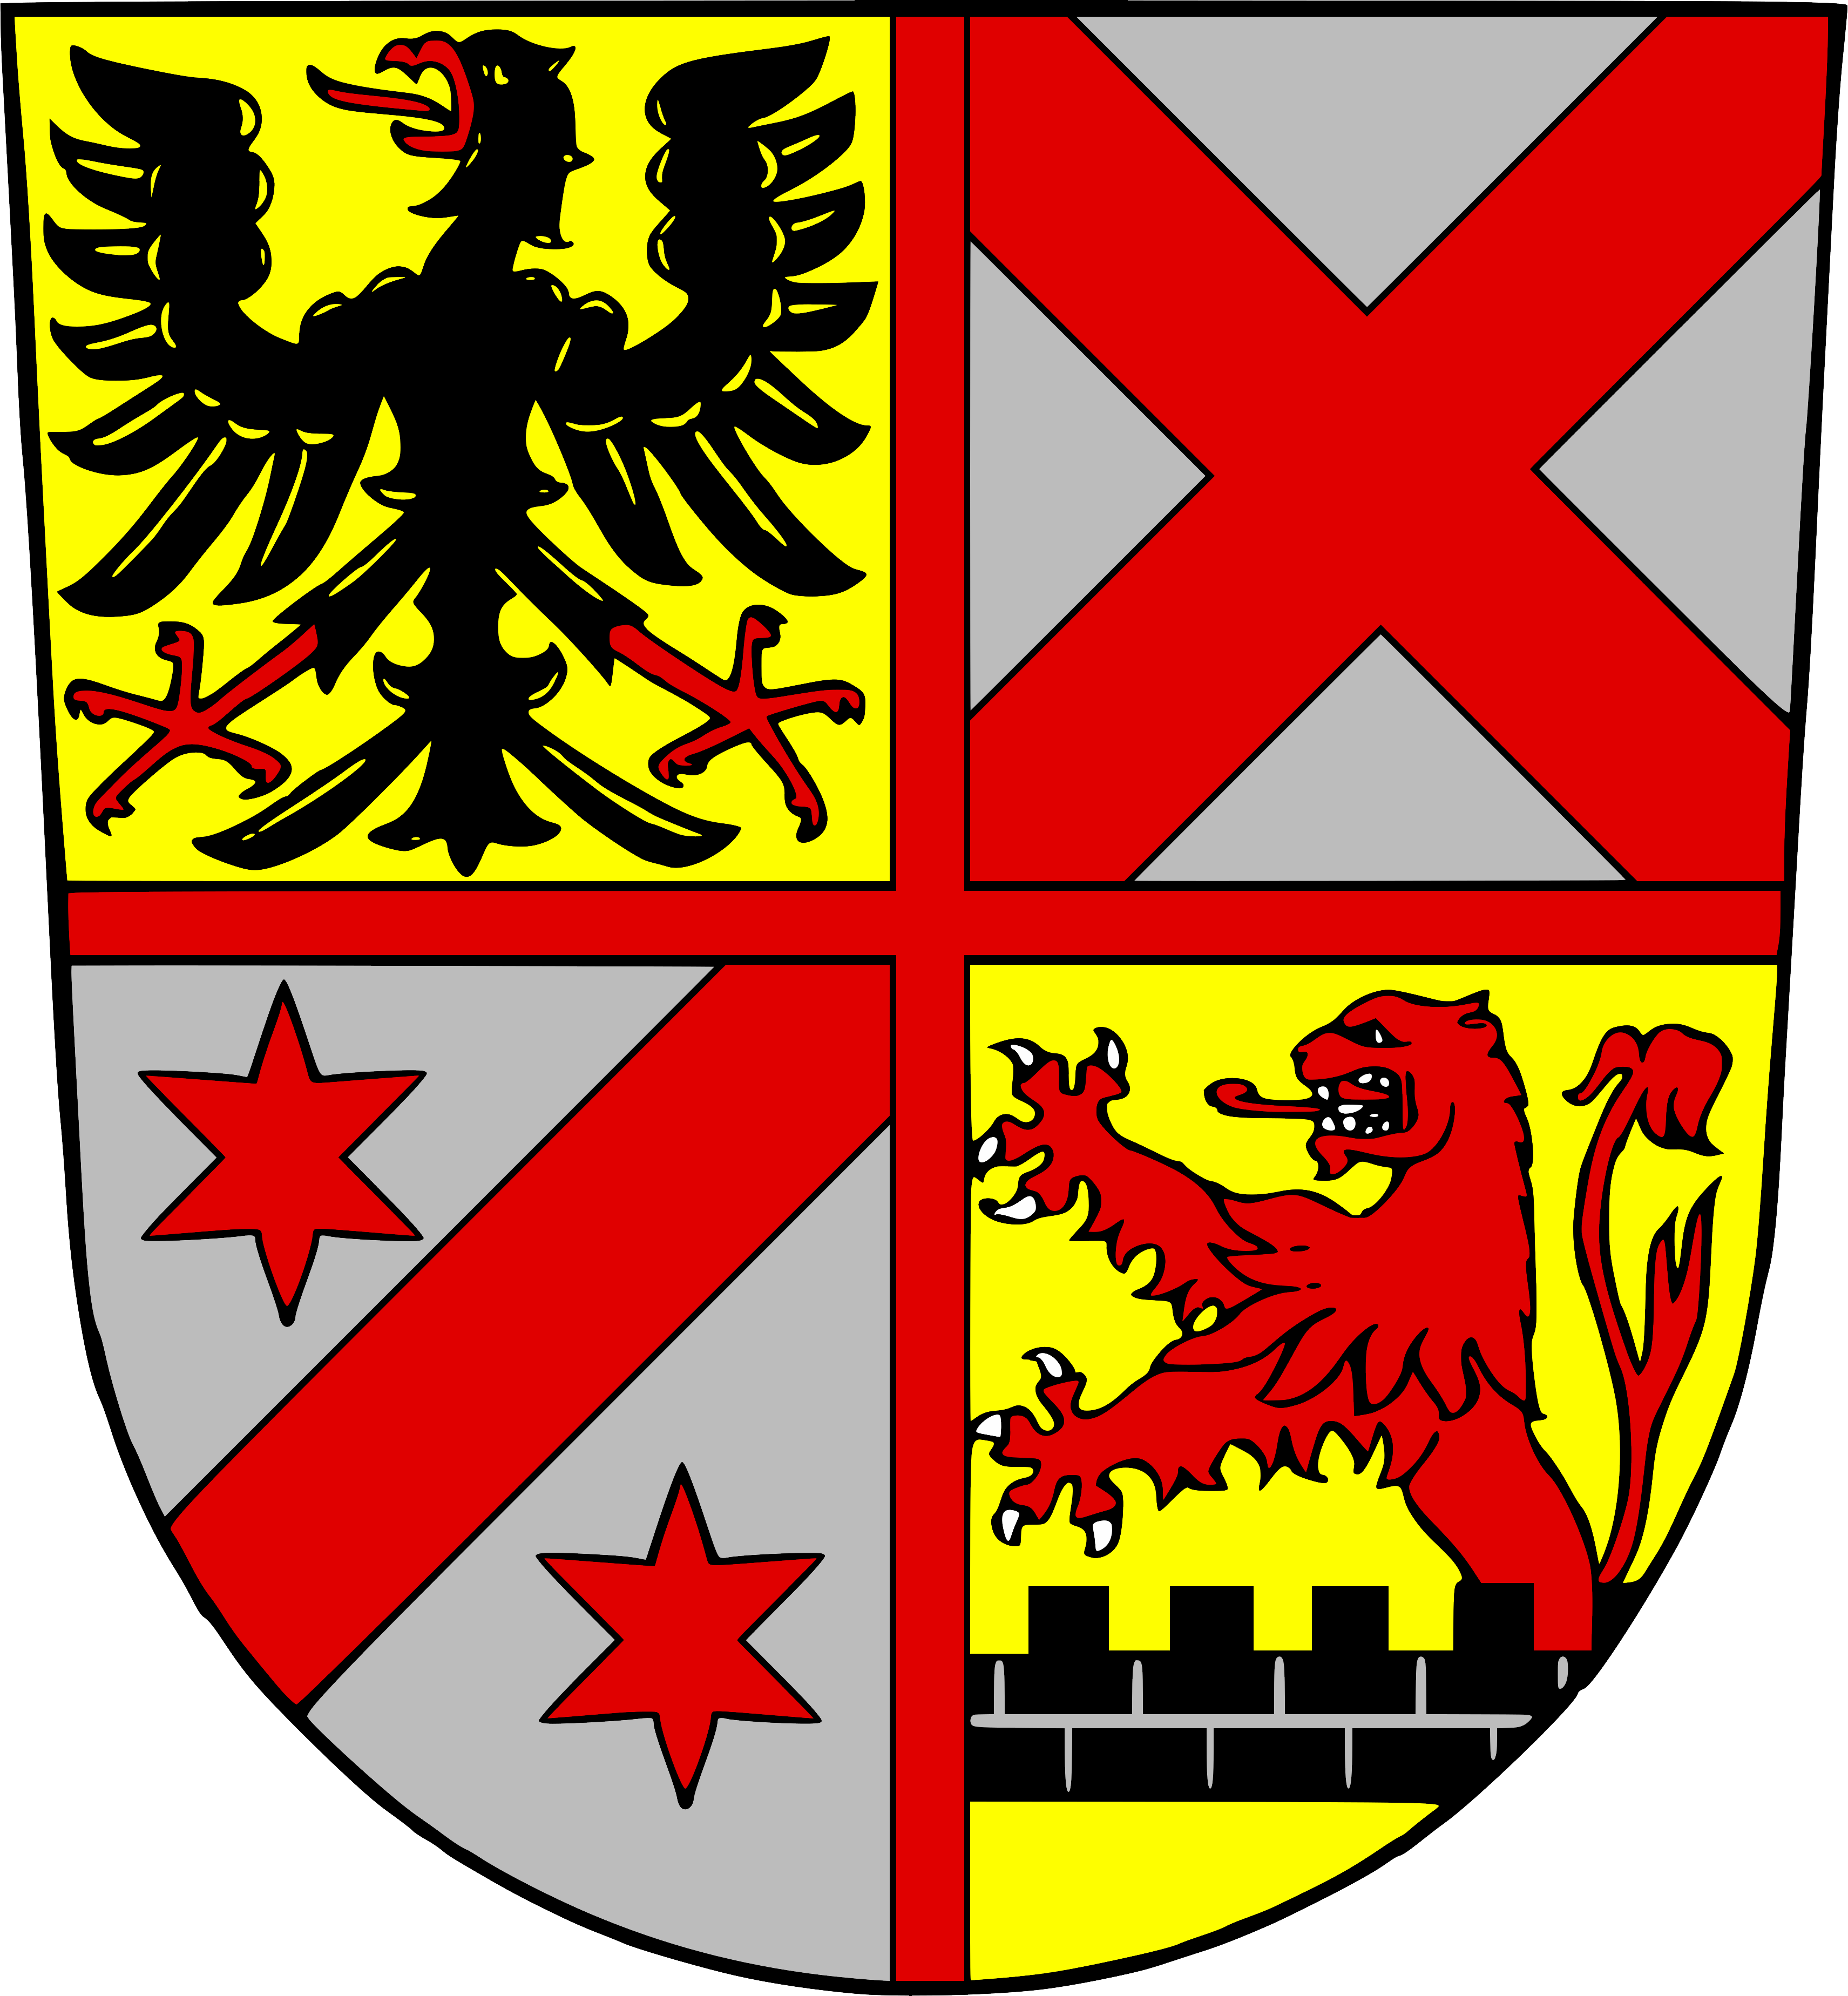 Wappen für den Ortsteil Herzlich Willkommen in Medelsheim! - Gersheim